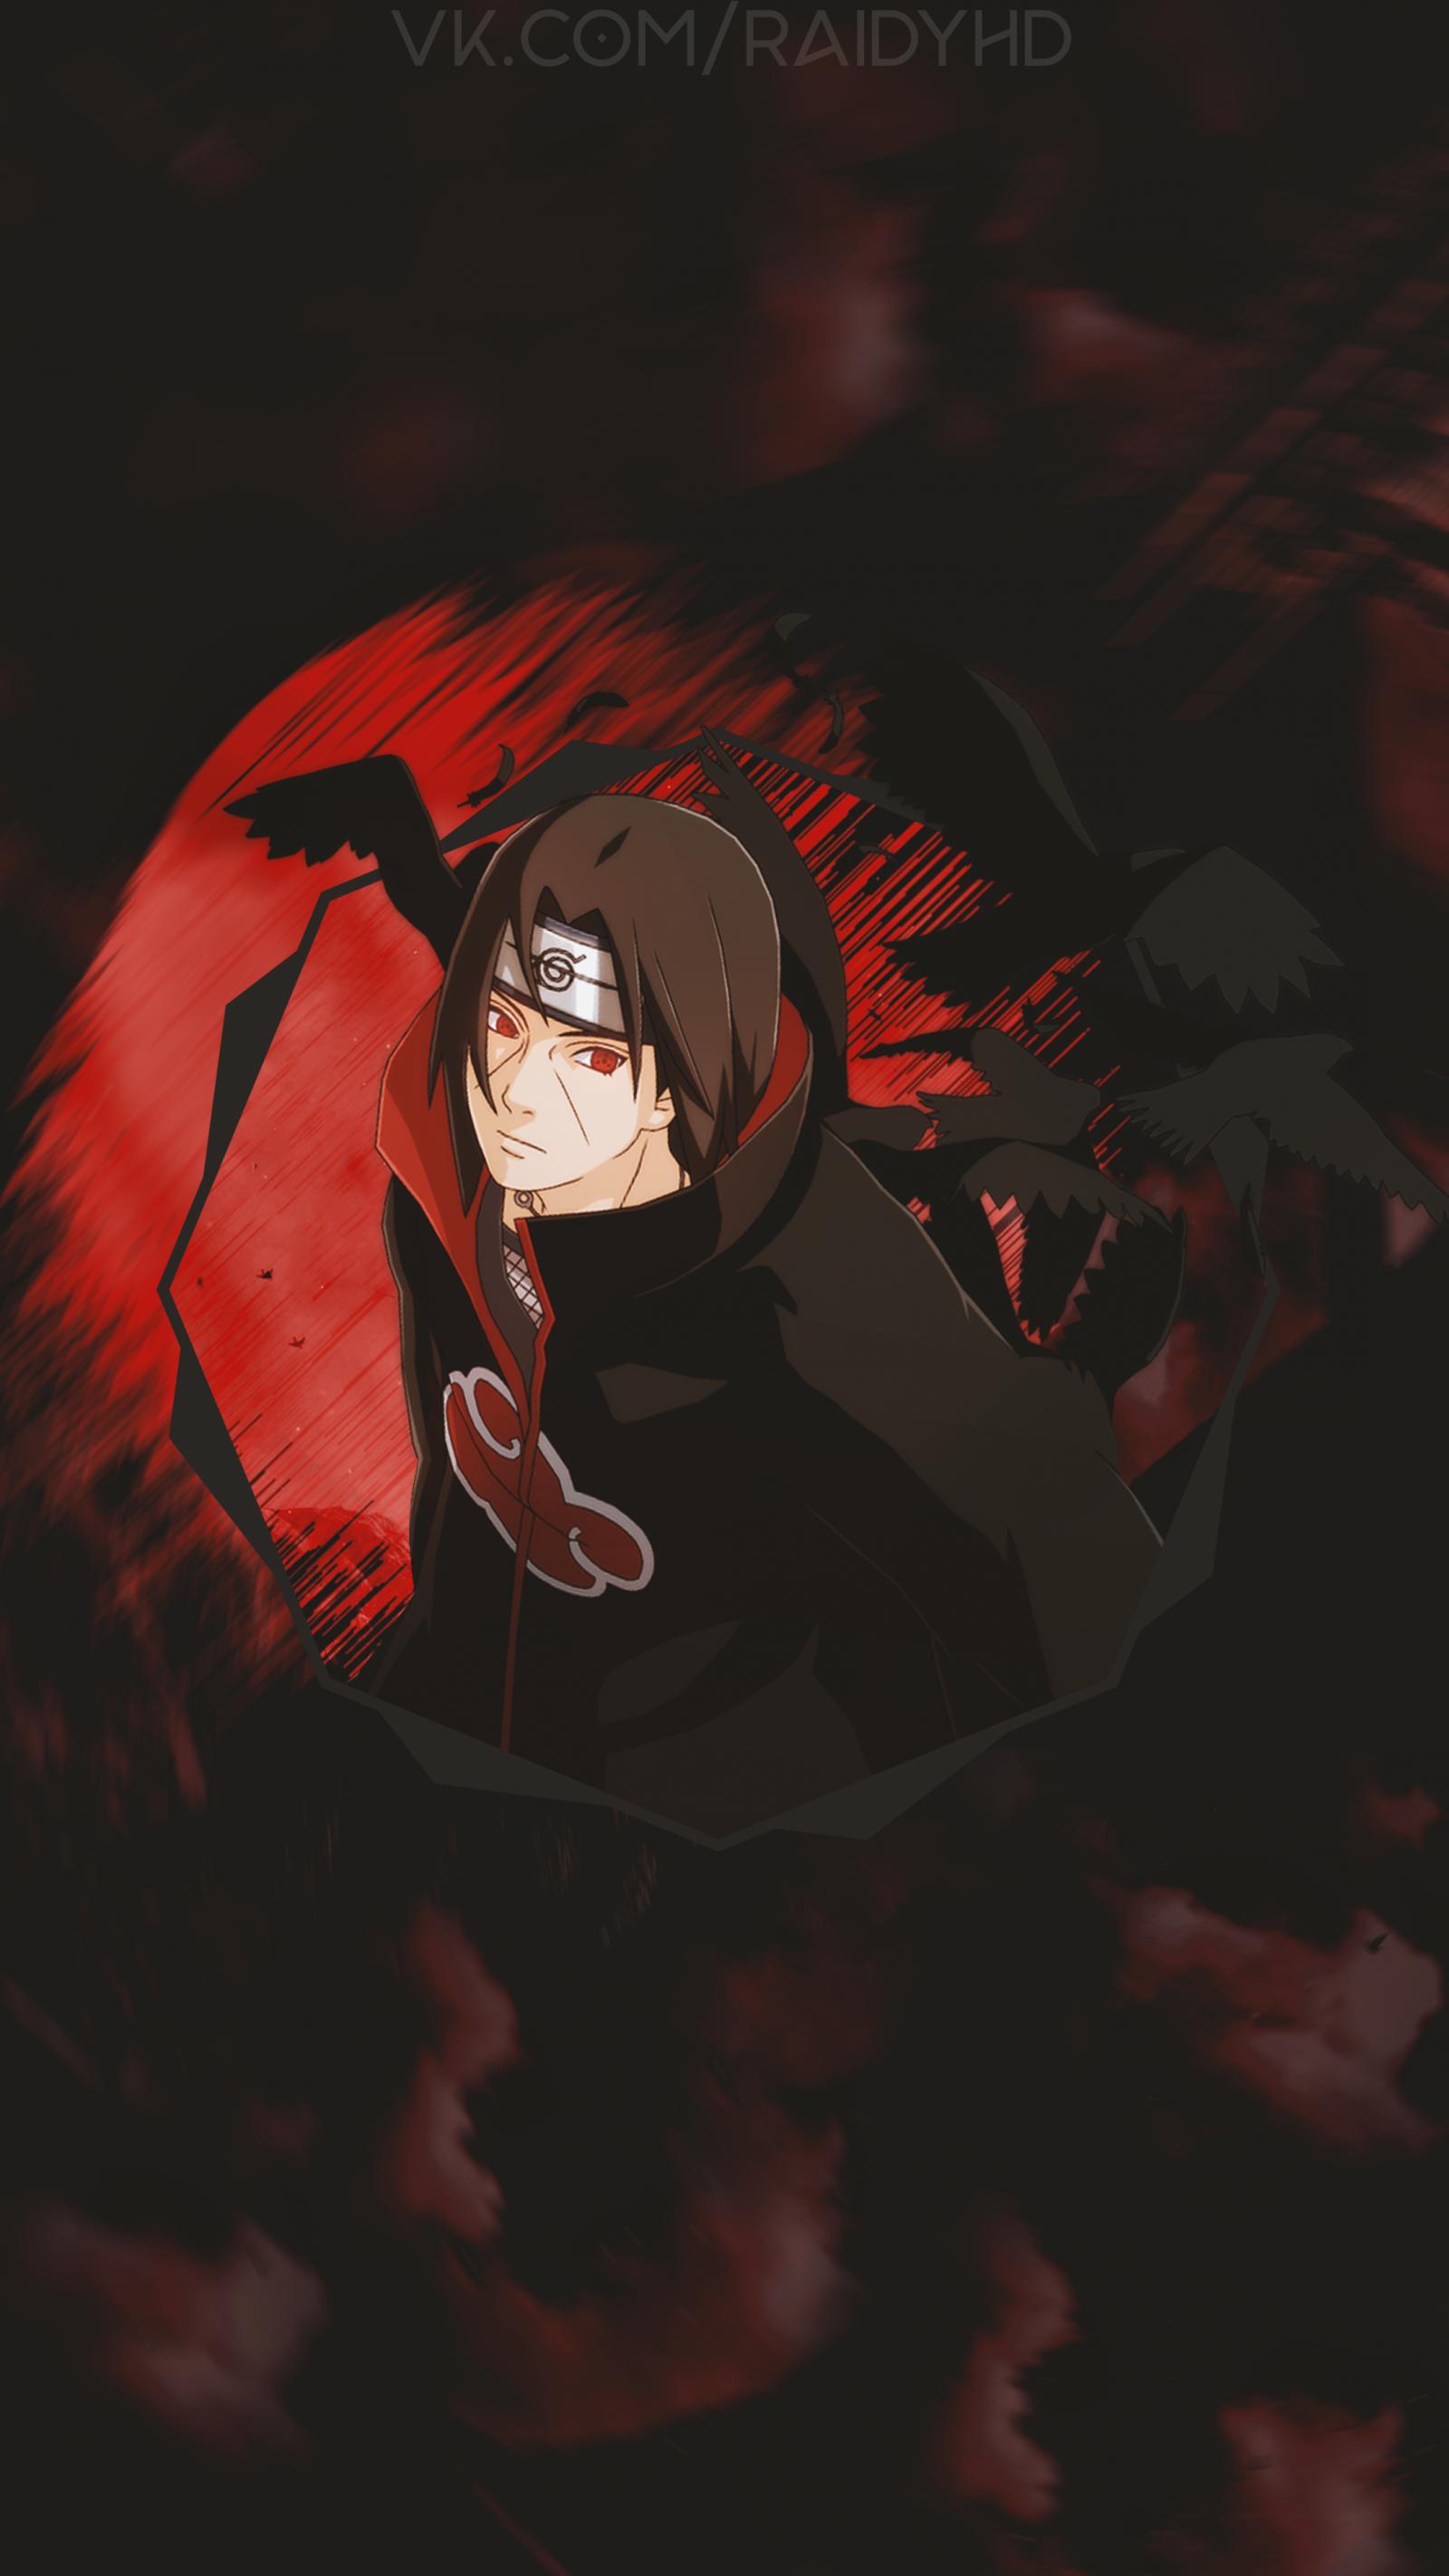 Itachi Uchiha In 2020 Itachi Anime Naruto Itachi Akatsuki